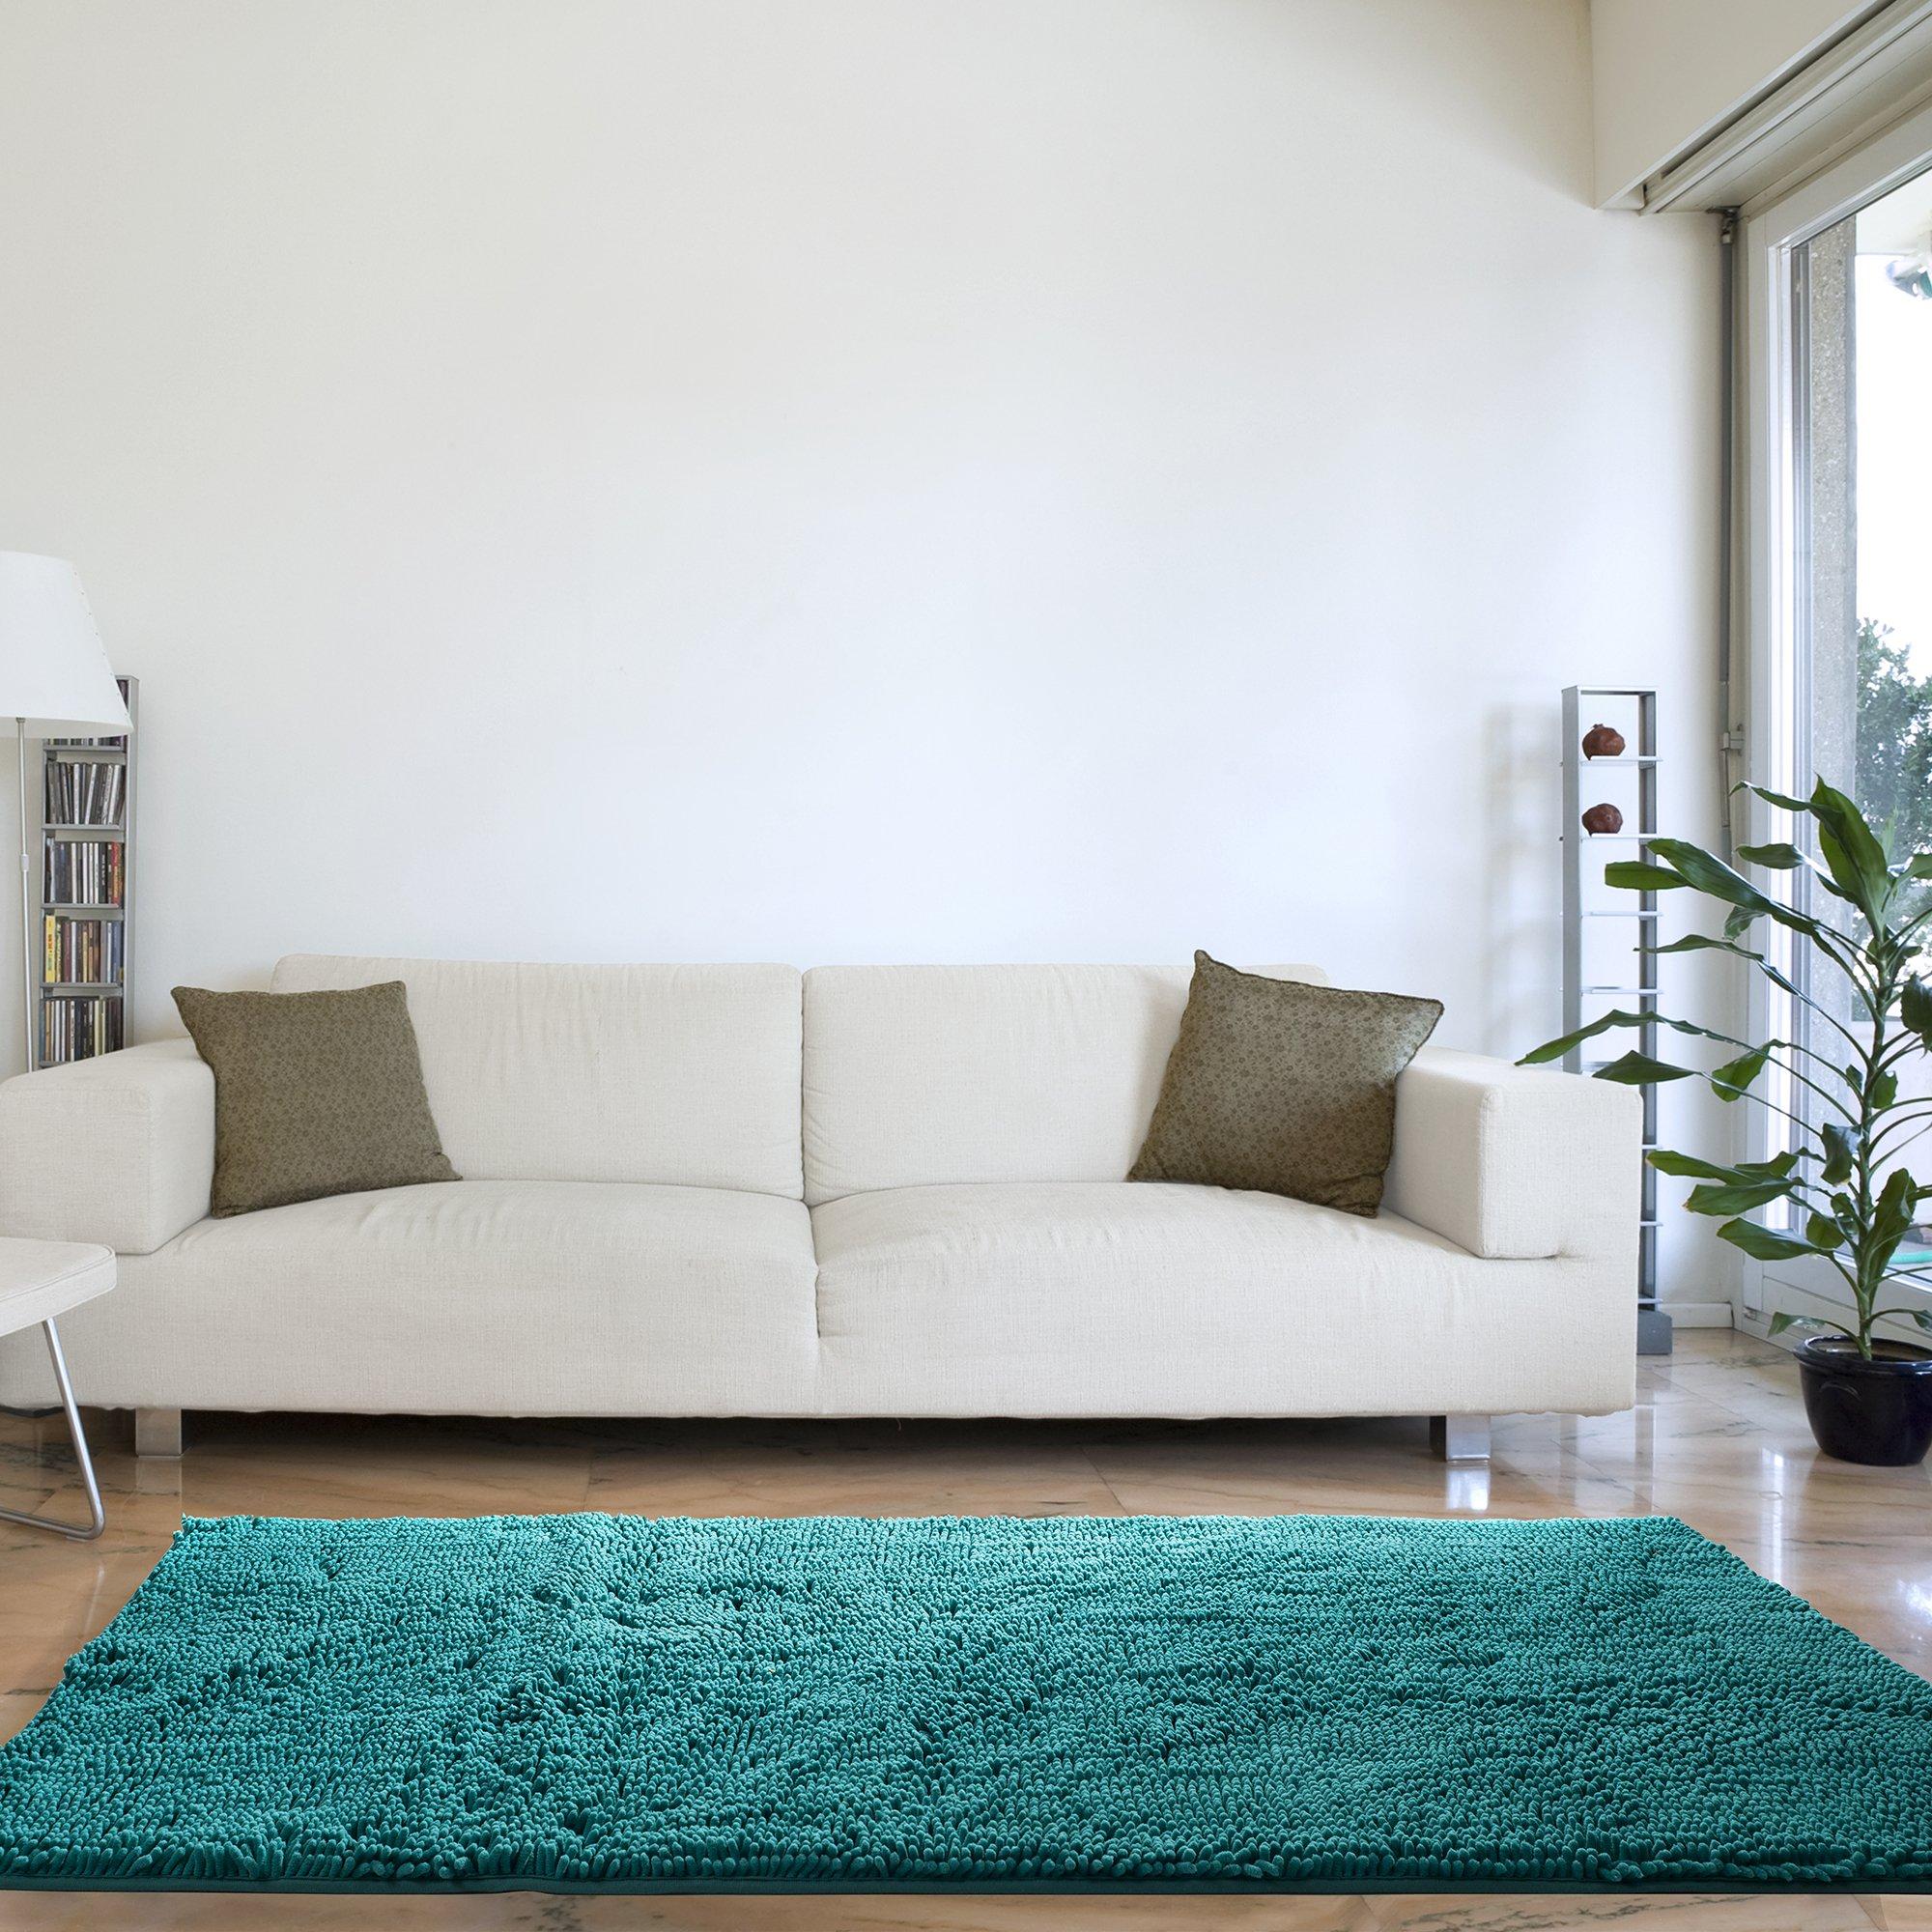 Lavish Home High Pile Shag Rug Carpet - Seafoam - 30x60